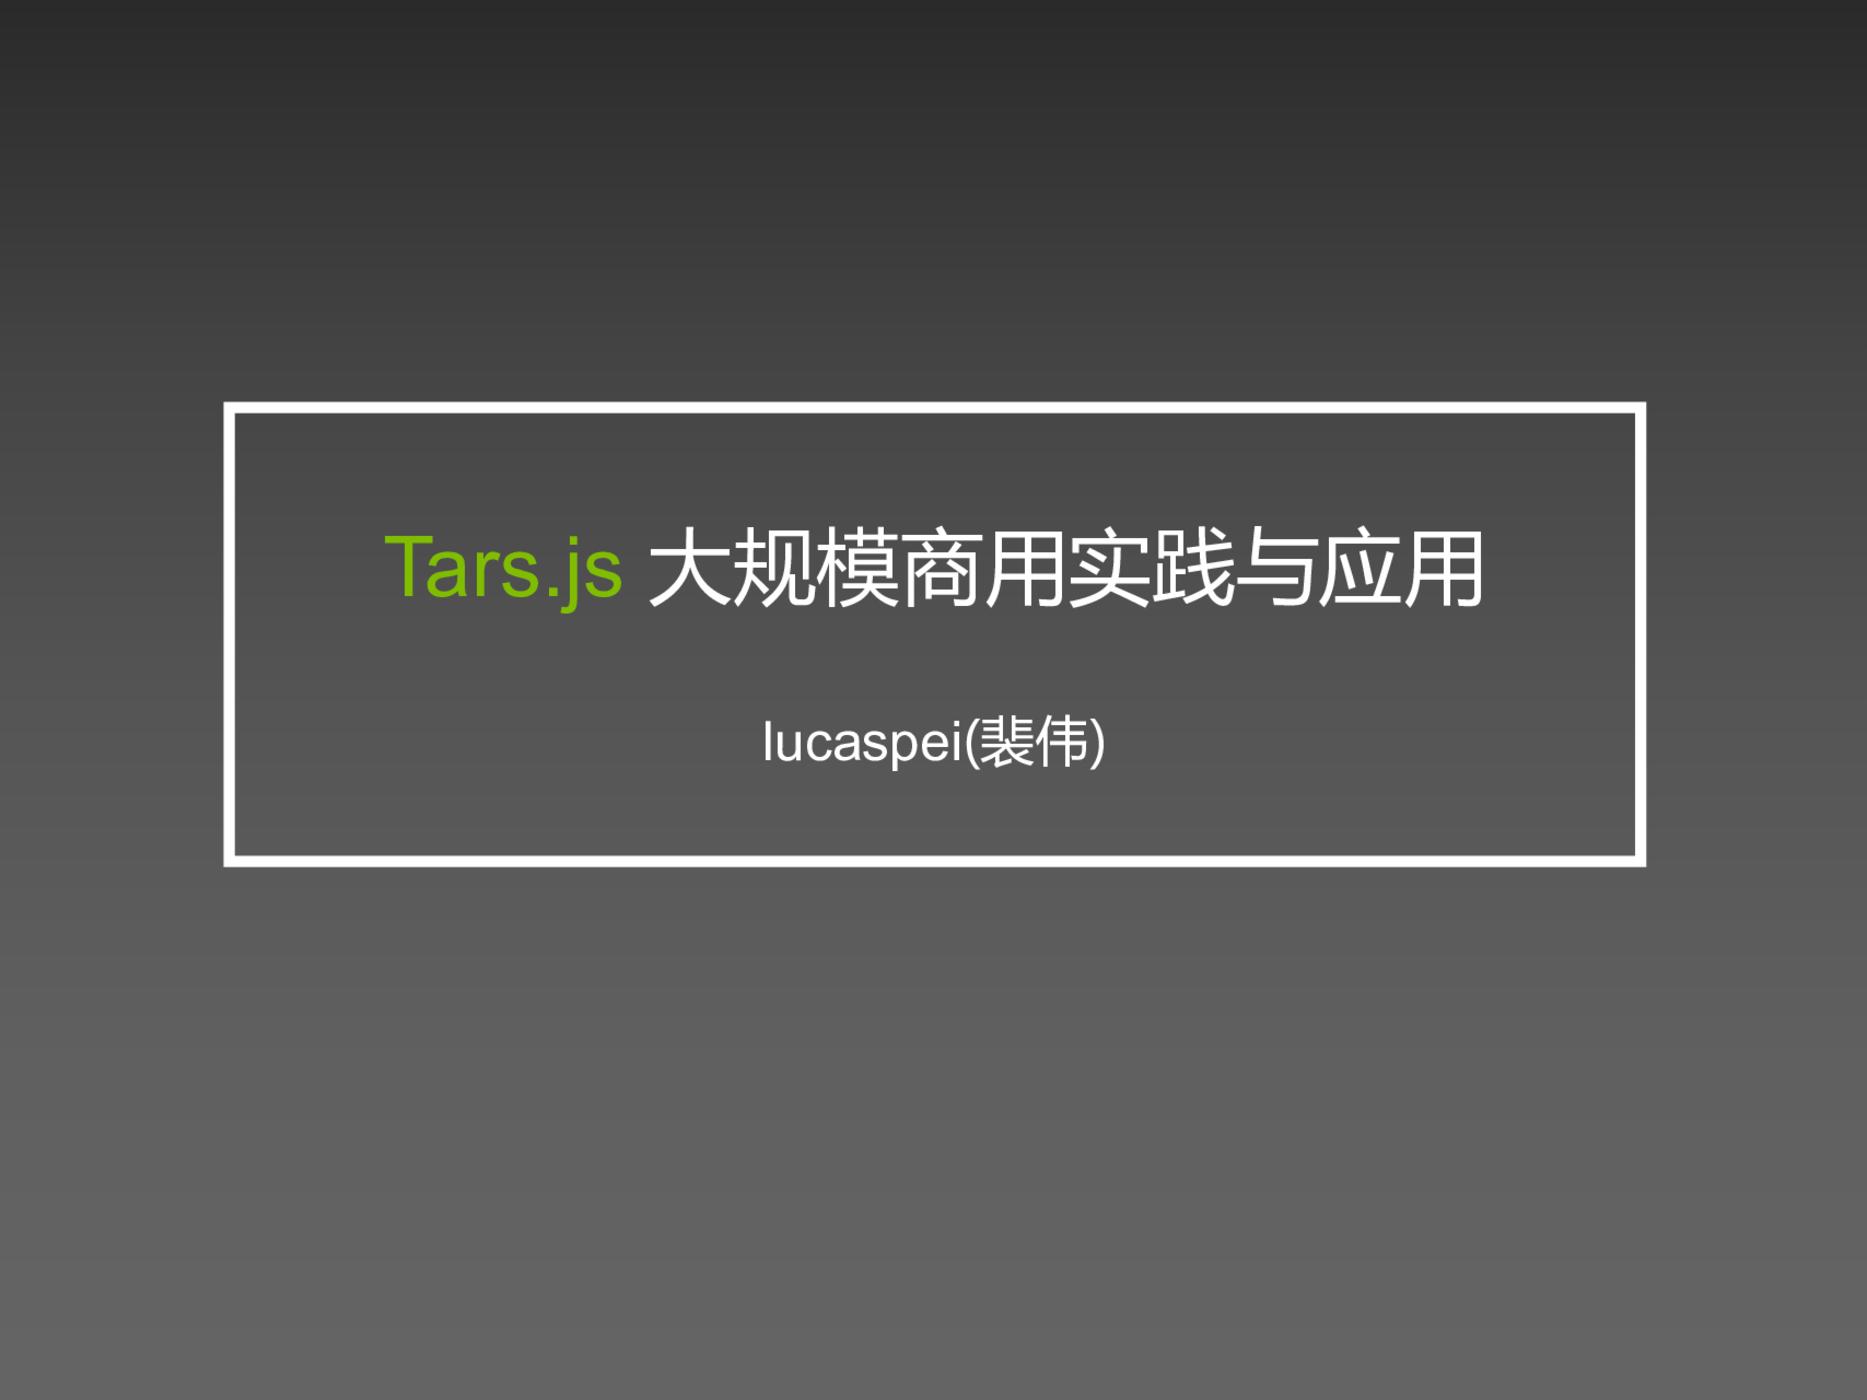 Tarsjs大规模商用实践与应用